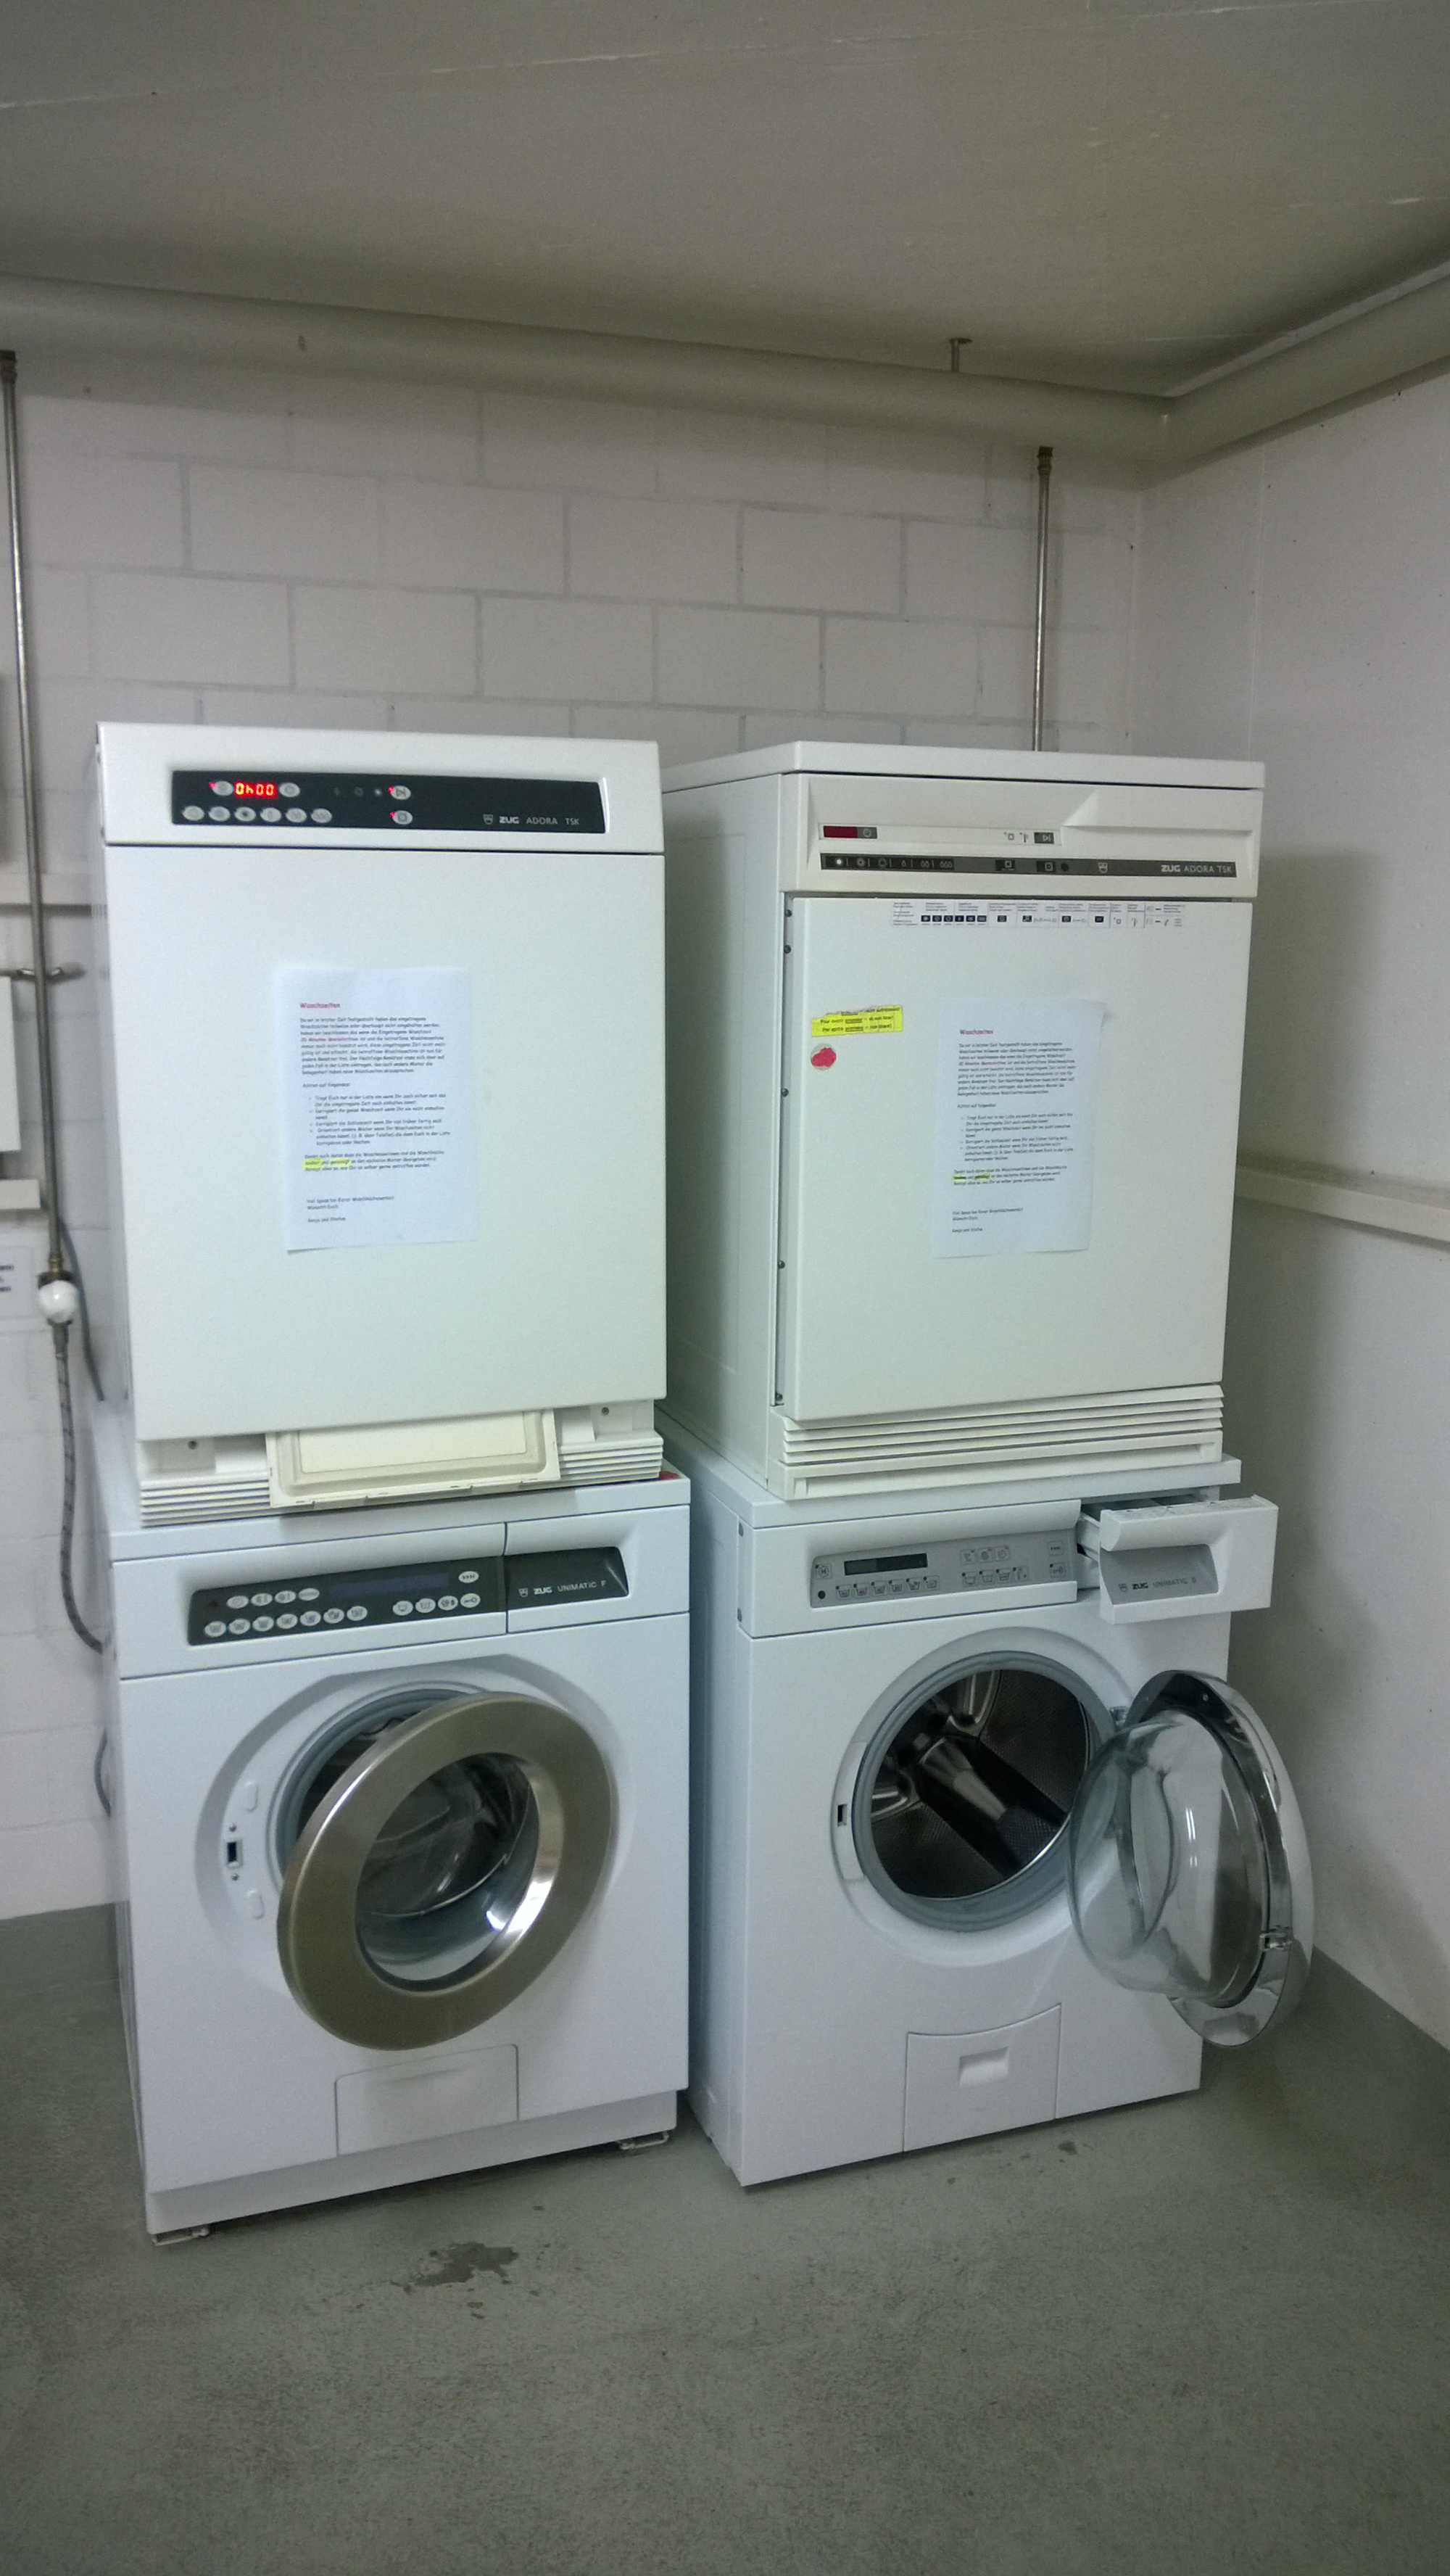 El blog de daniel a perez en europe conquistando el - Secadora encima lavadora ...